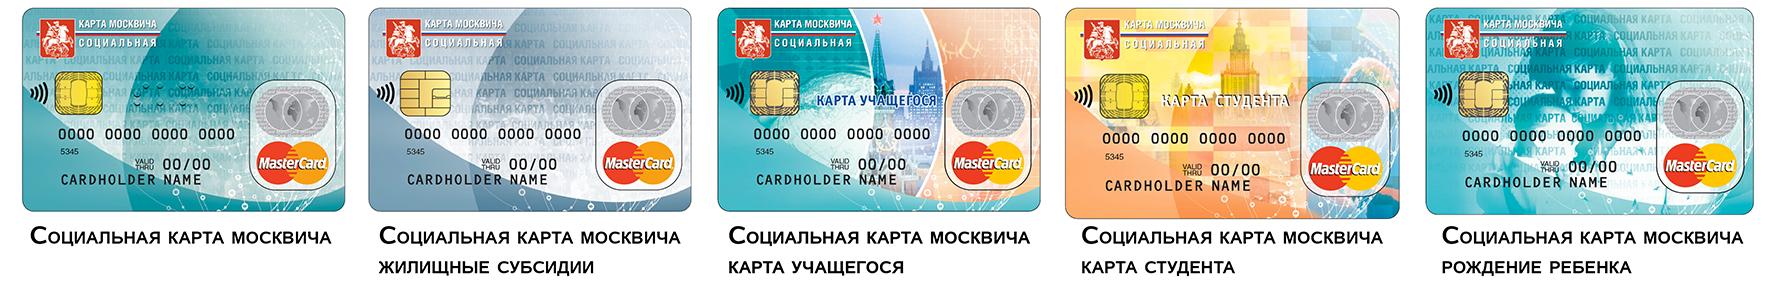 Социальные карты Москвича